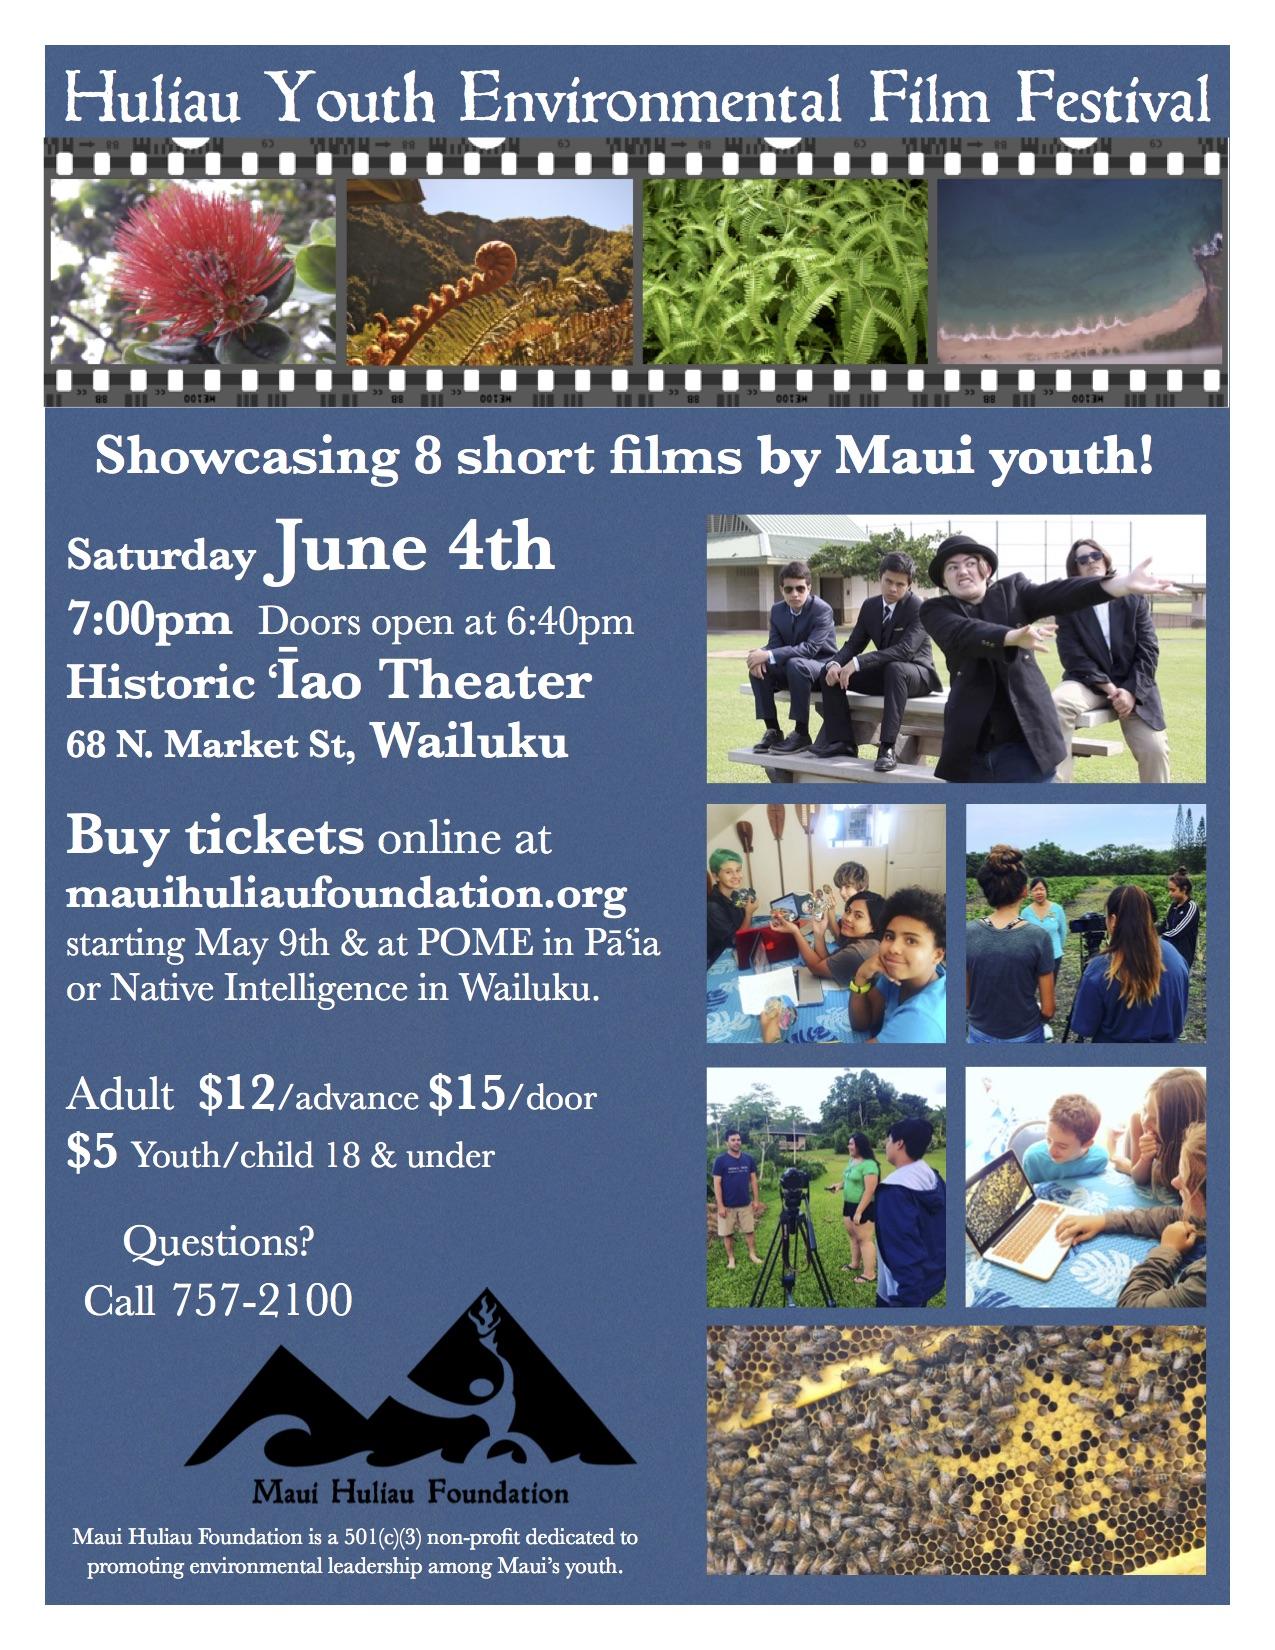 huliau-foundation-youth-environmental-film-festival-flyer